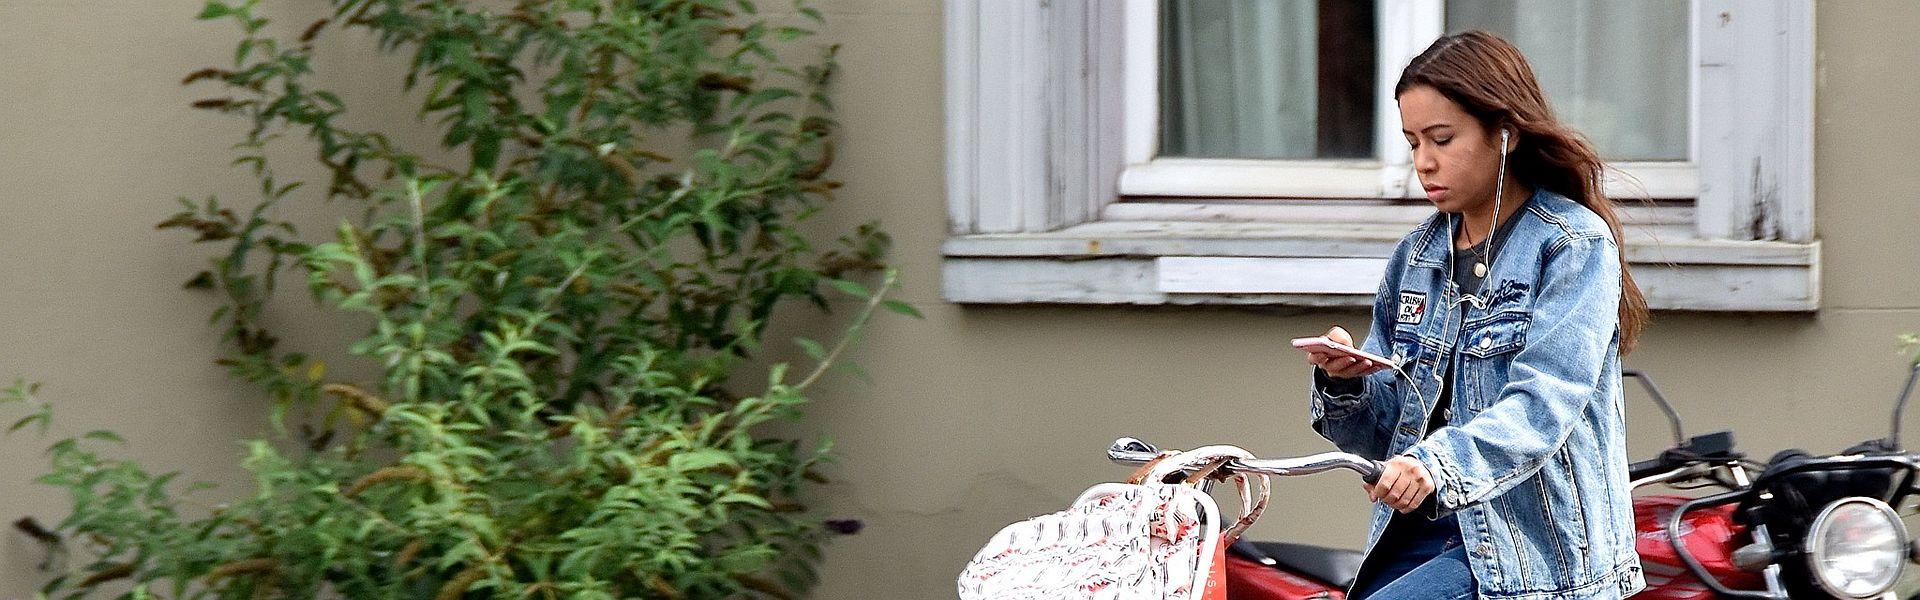 Onoplettend meisje append op de fiets bij de column 'Onoplettend' van Paul de Vries Schrijft. Foto 'Texting Elvis' door FaceMePLS